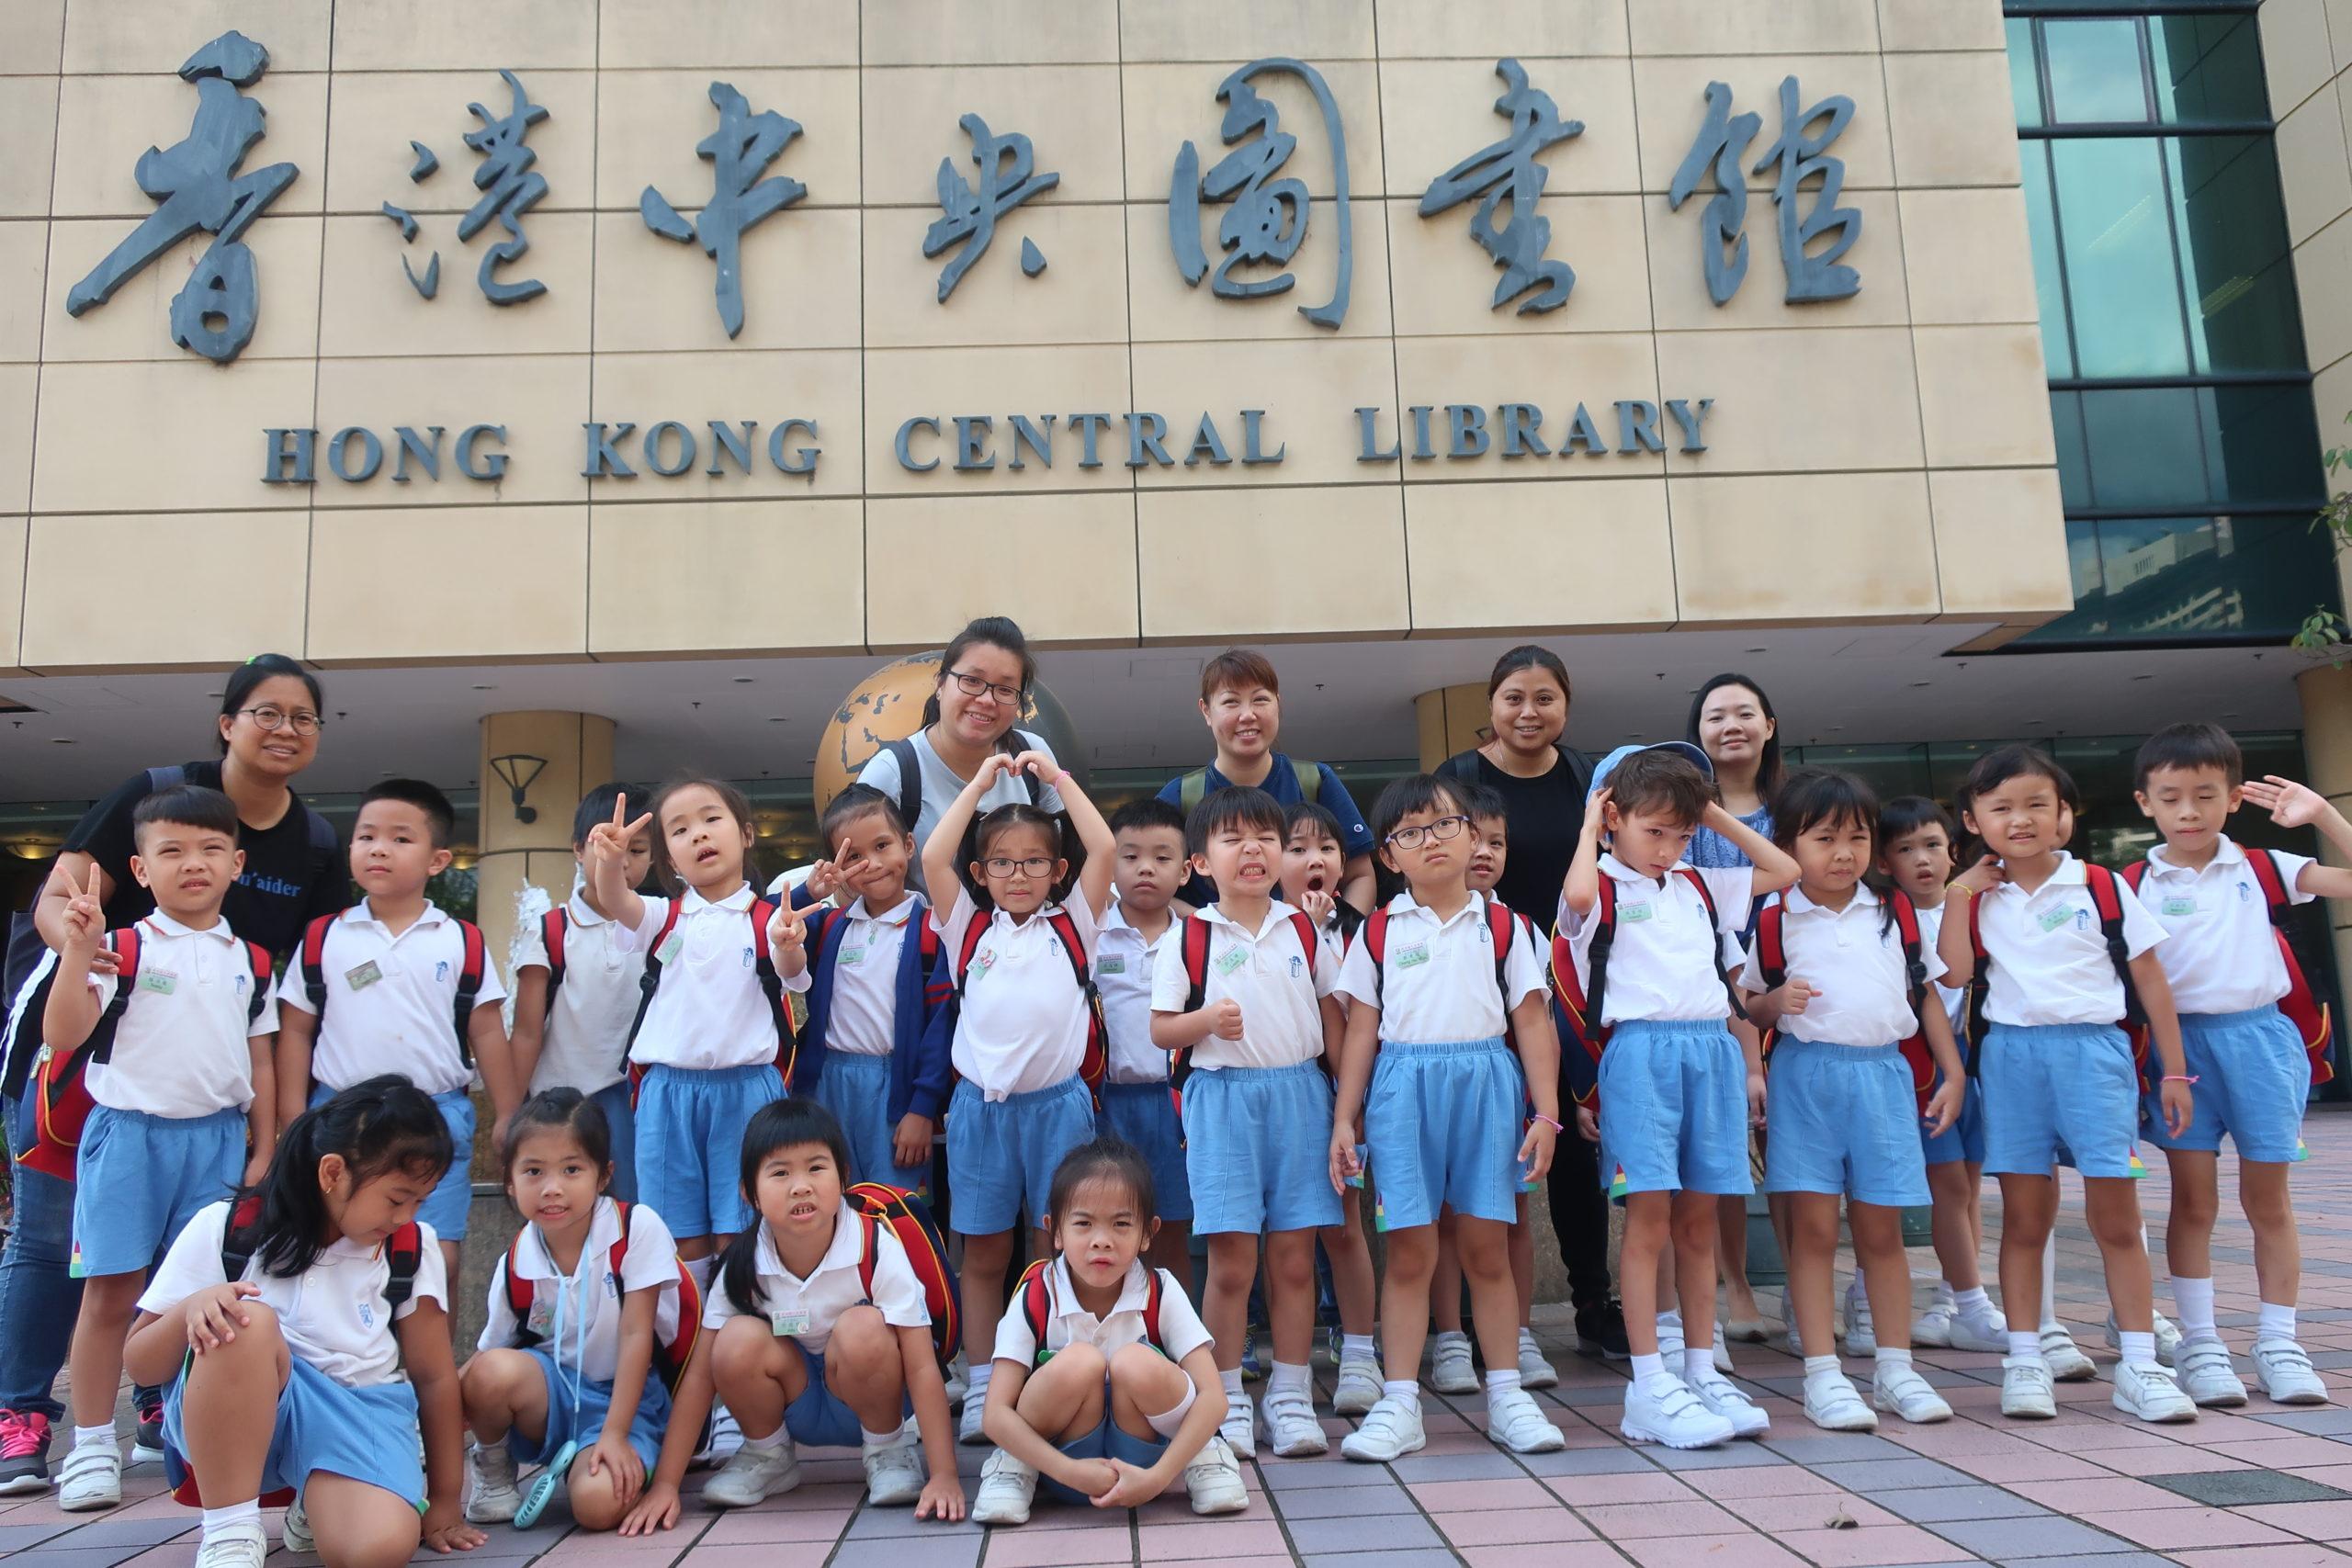 (18-19年度)2019-6-6–高班參觀香港中央圖書館